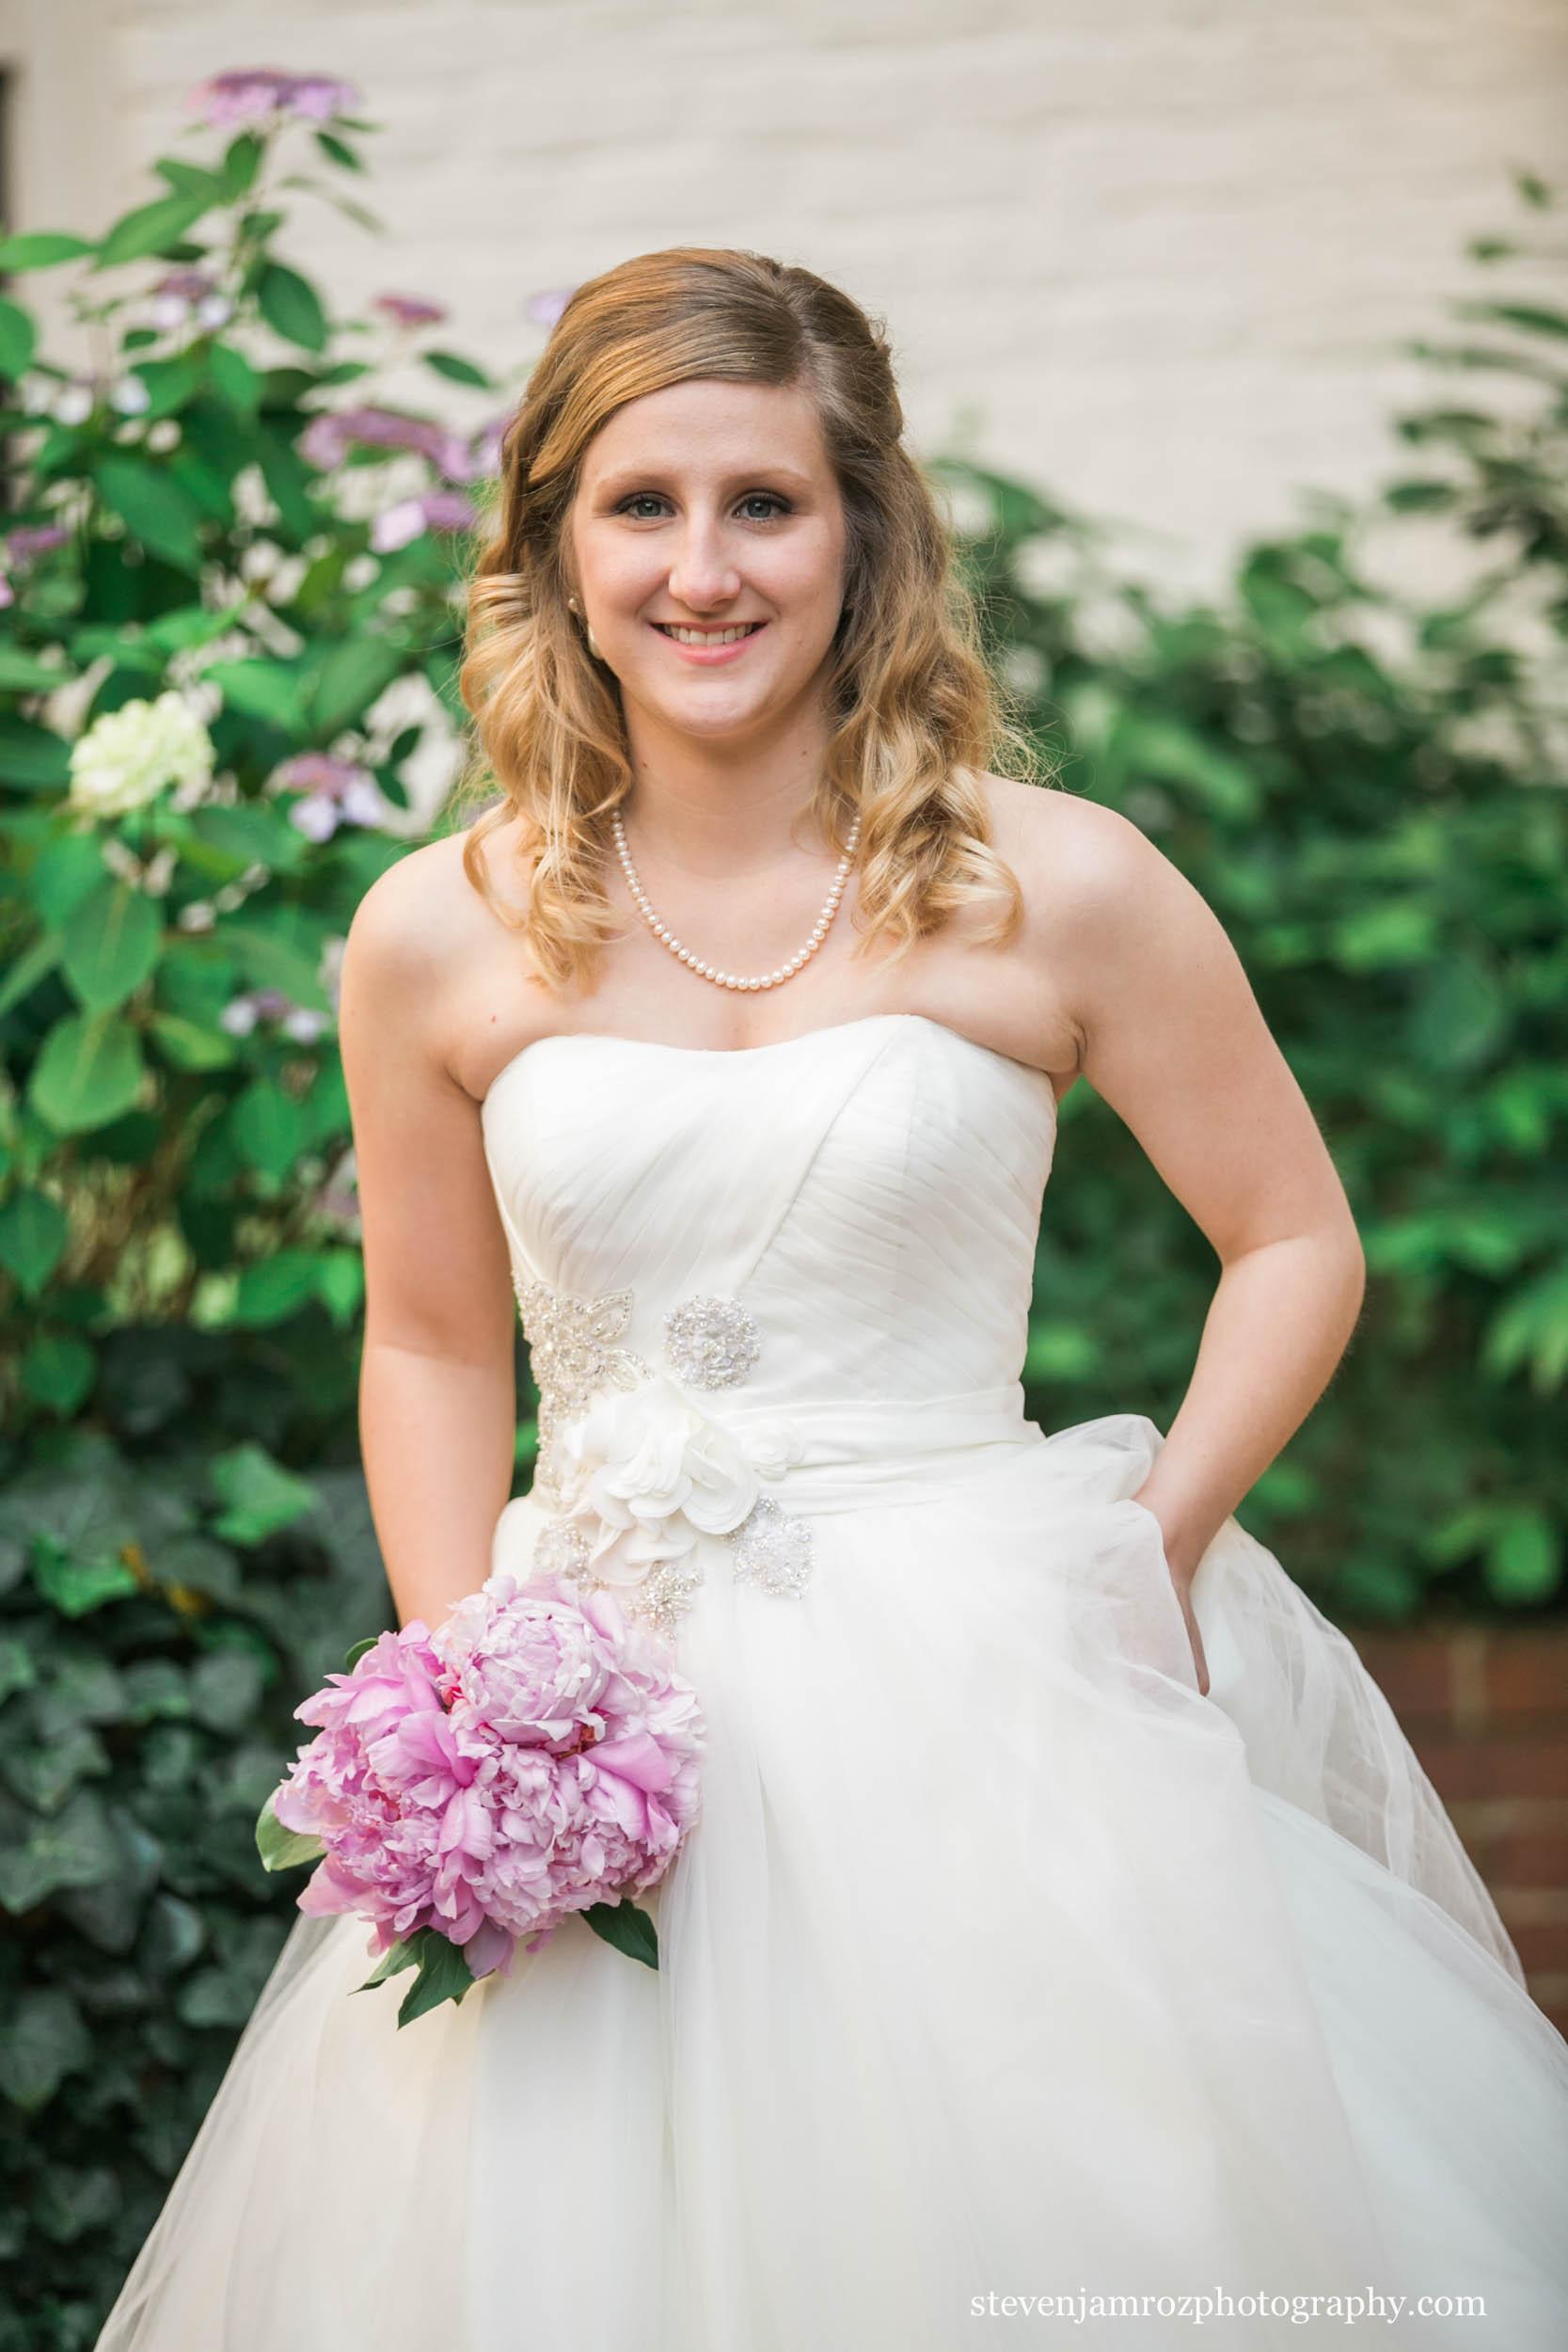 bridal-portrait-dinwiddie-chapel-peace-university-0537.jpg